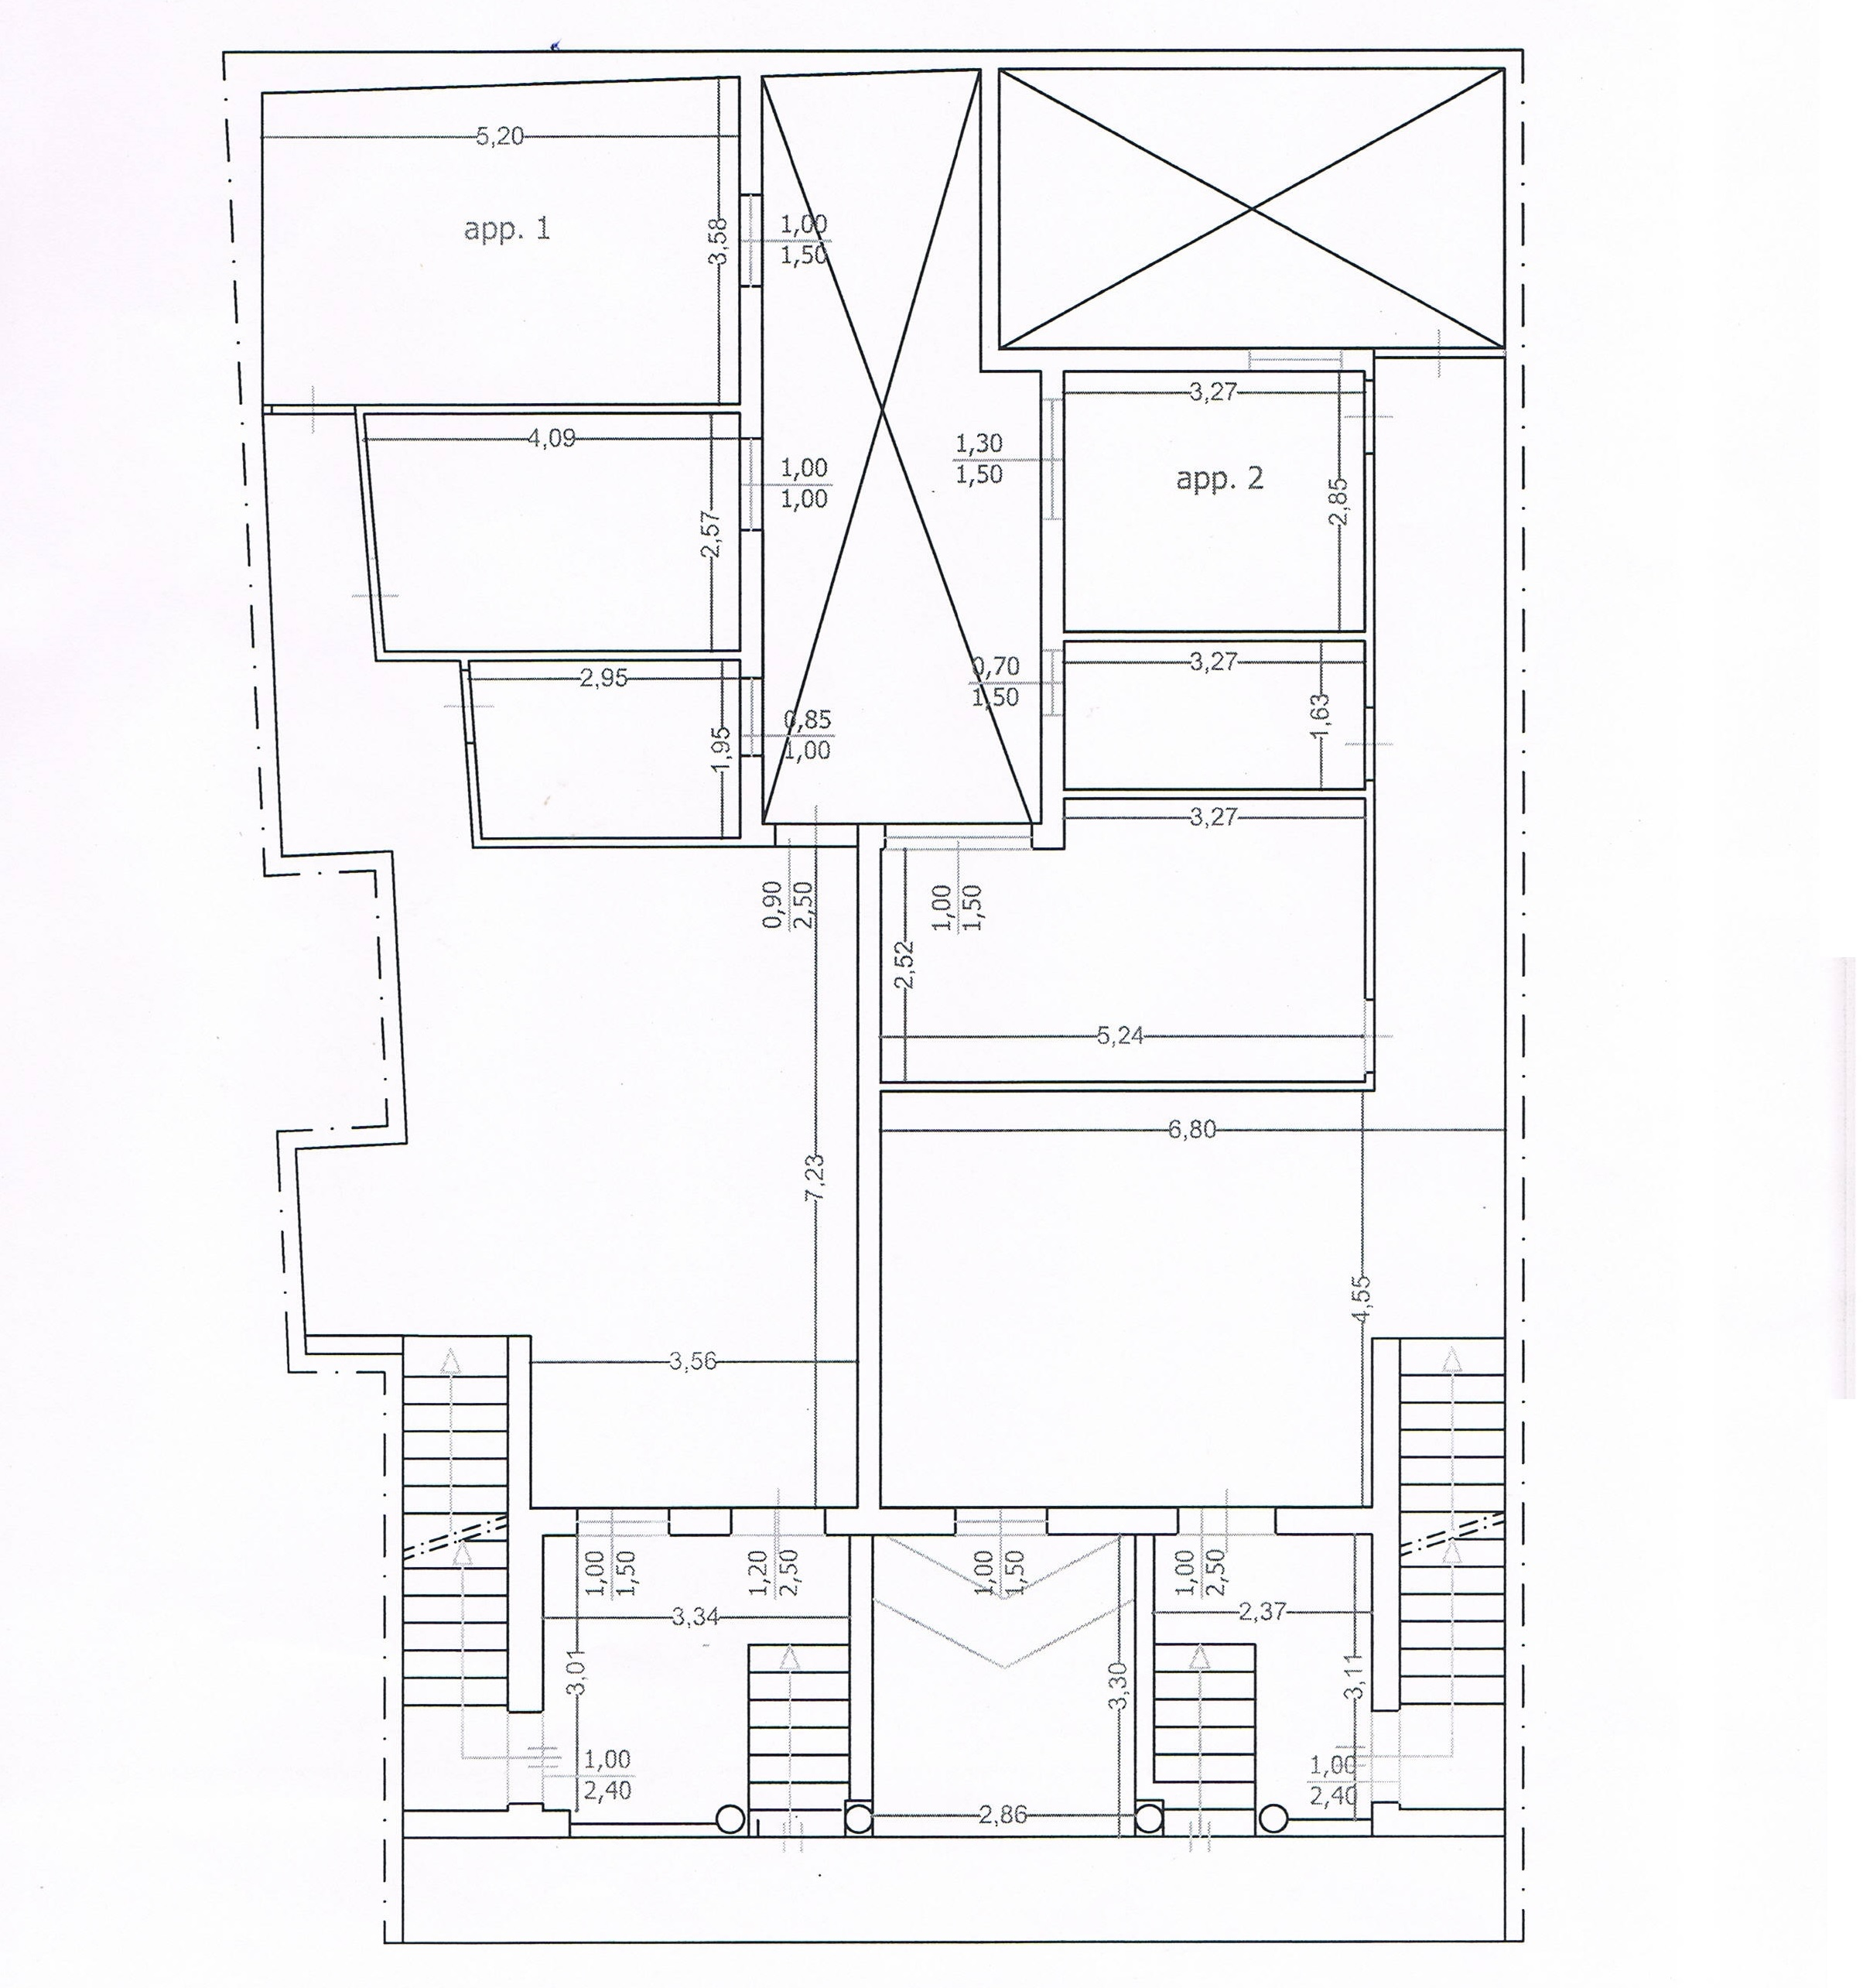 Appartamenti in vendita di nuova costruzione, piano terra e primo